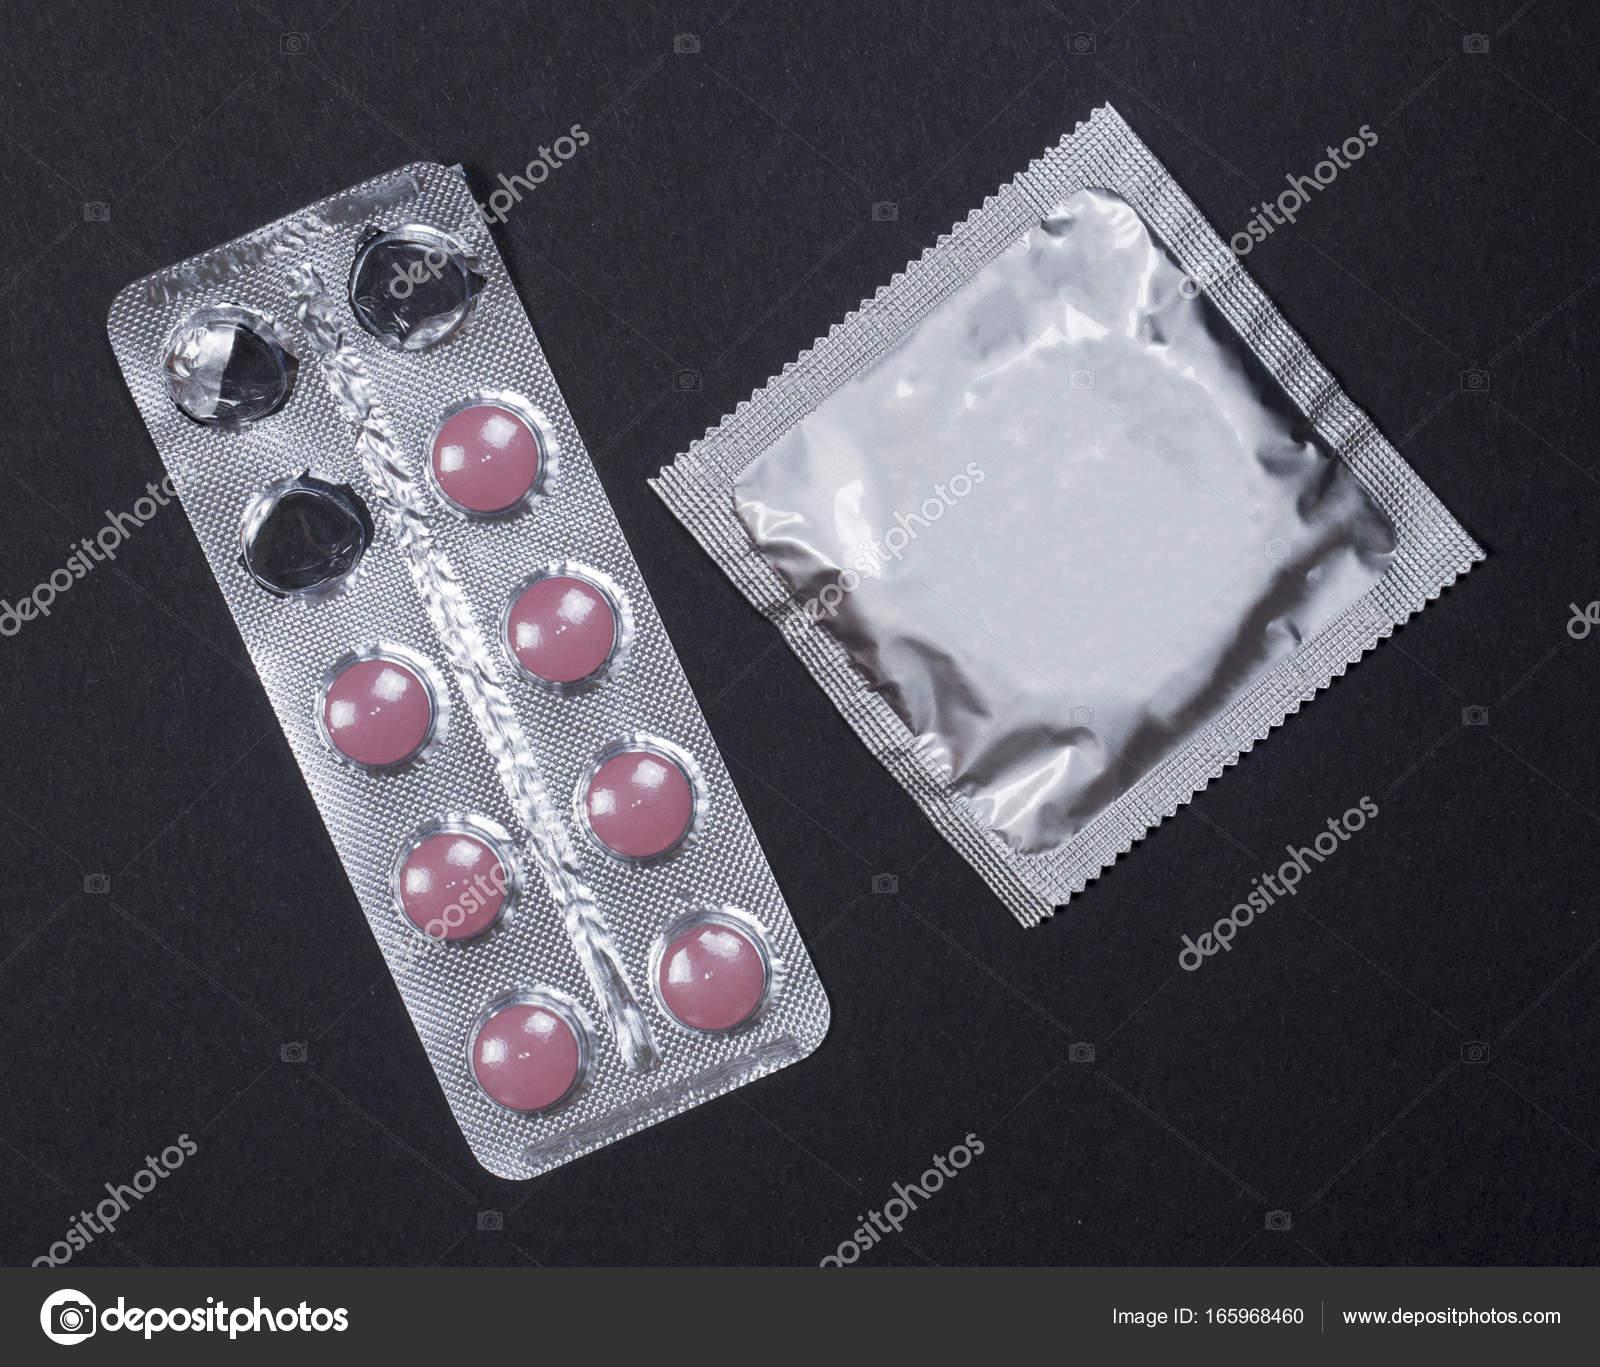 Gravid på p-piller